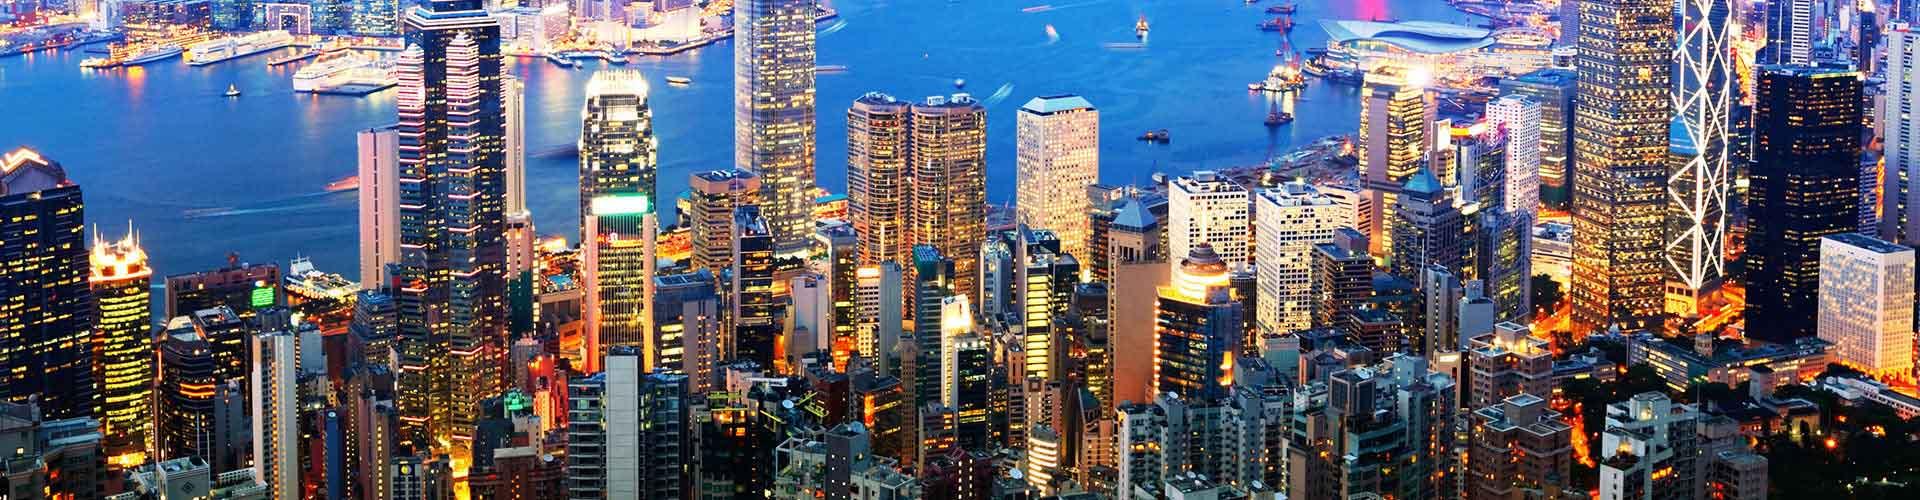 홍콩 - 홍콩에 위치한 아파트.  홍콩의 지도, 홍콩에 위치한 아파트에 대한 사진 및 리뷰.